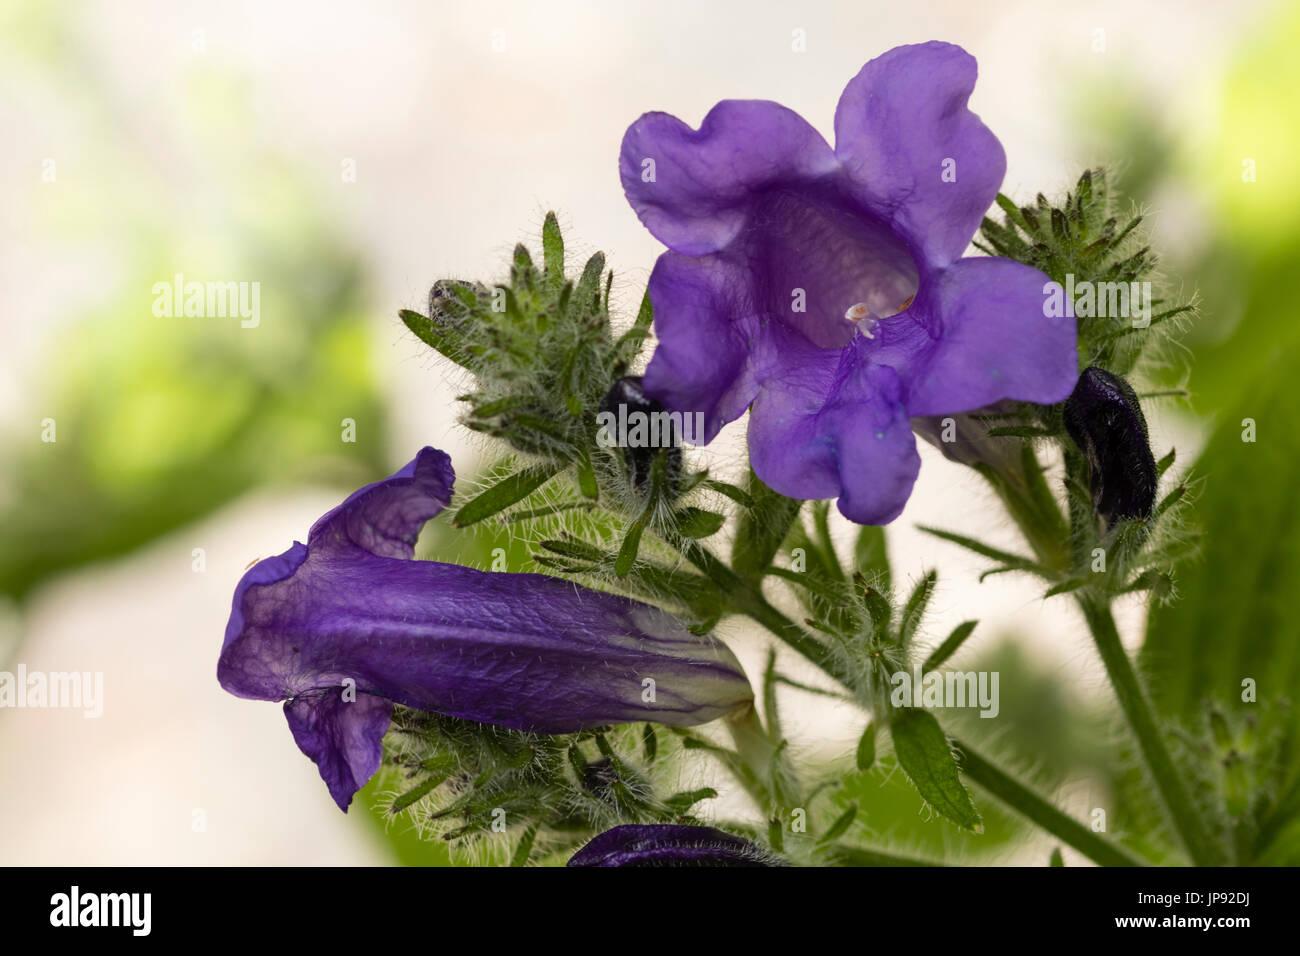 Blau, röhrenförmige Blüten in die lange Blütezeit krautige mehrjährige, Strobilanthes penstemonoides Stockbild